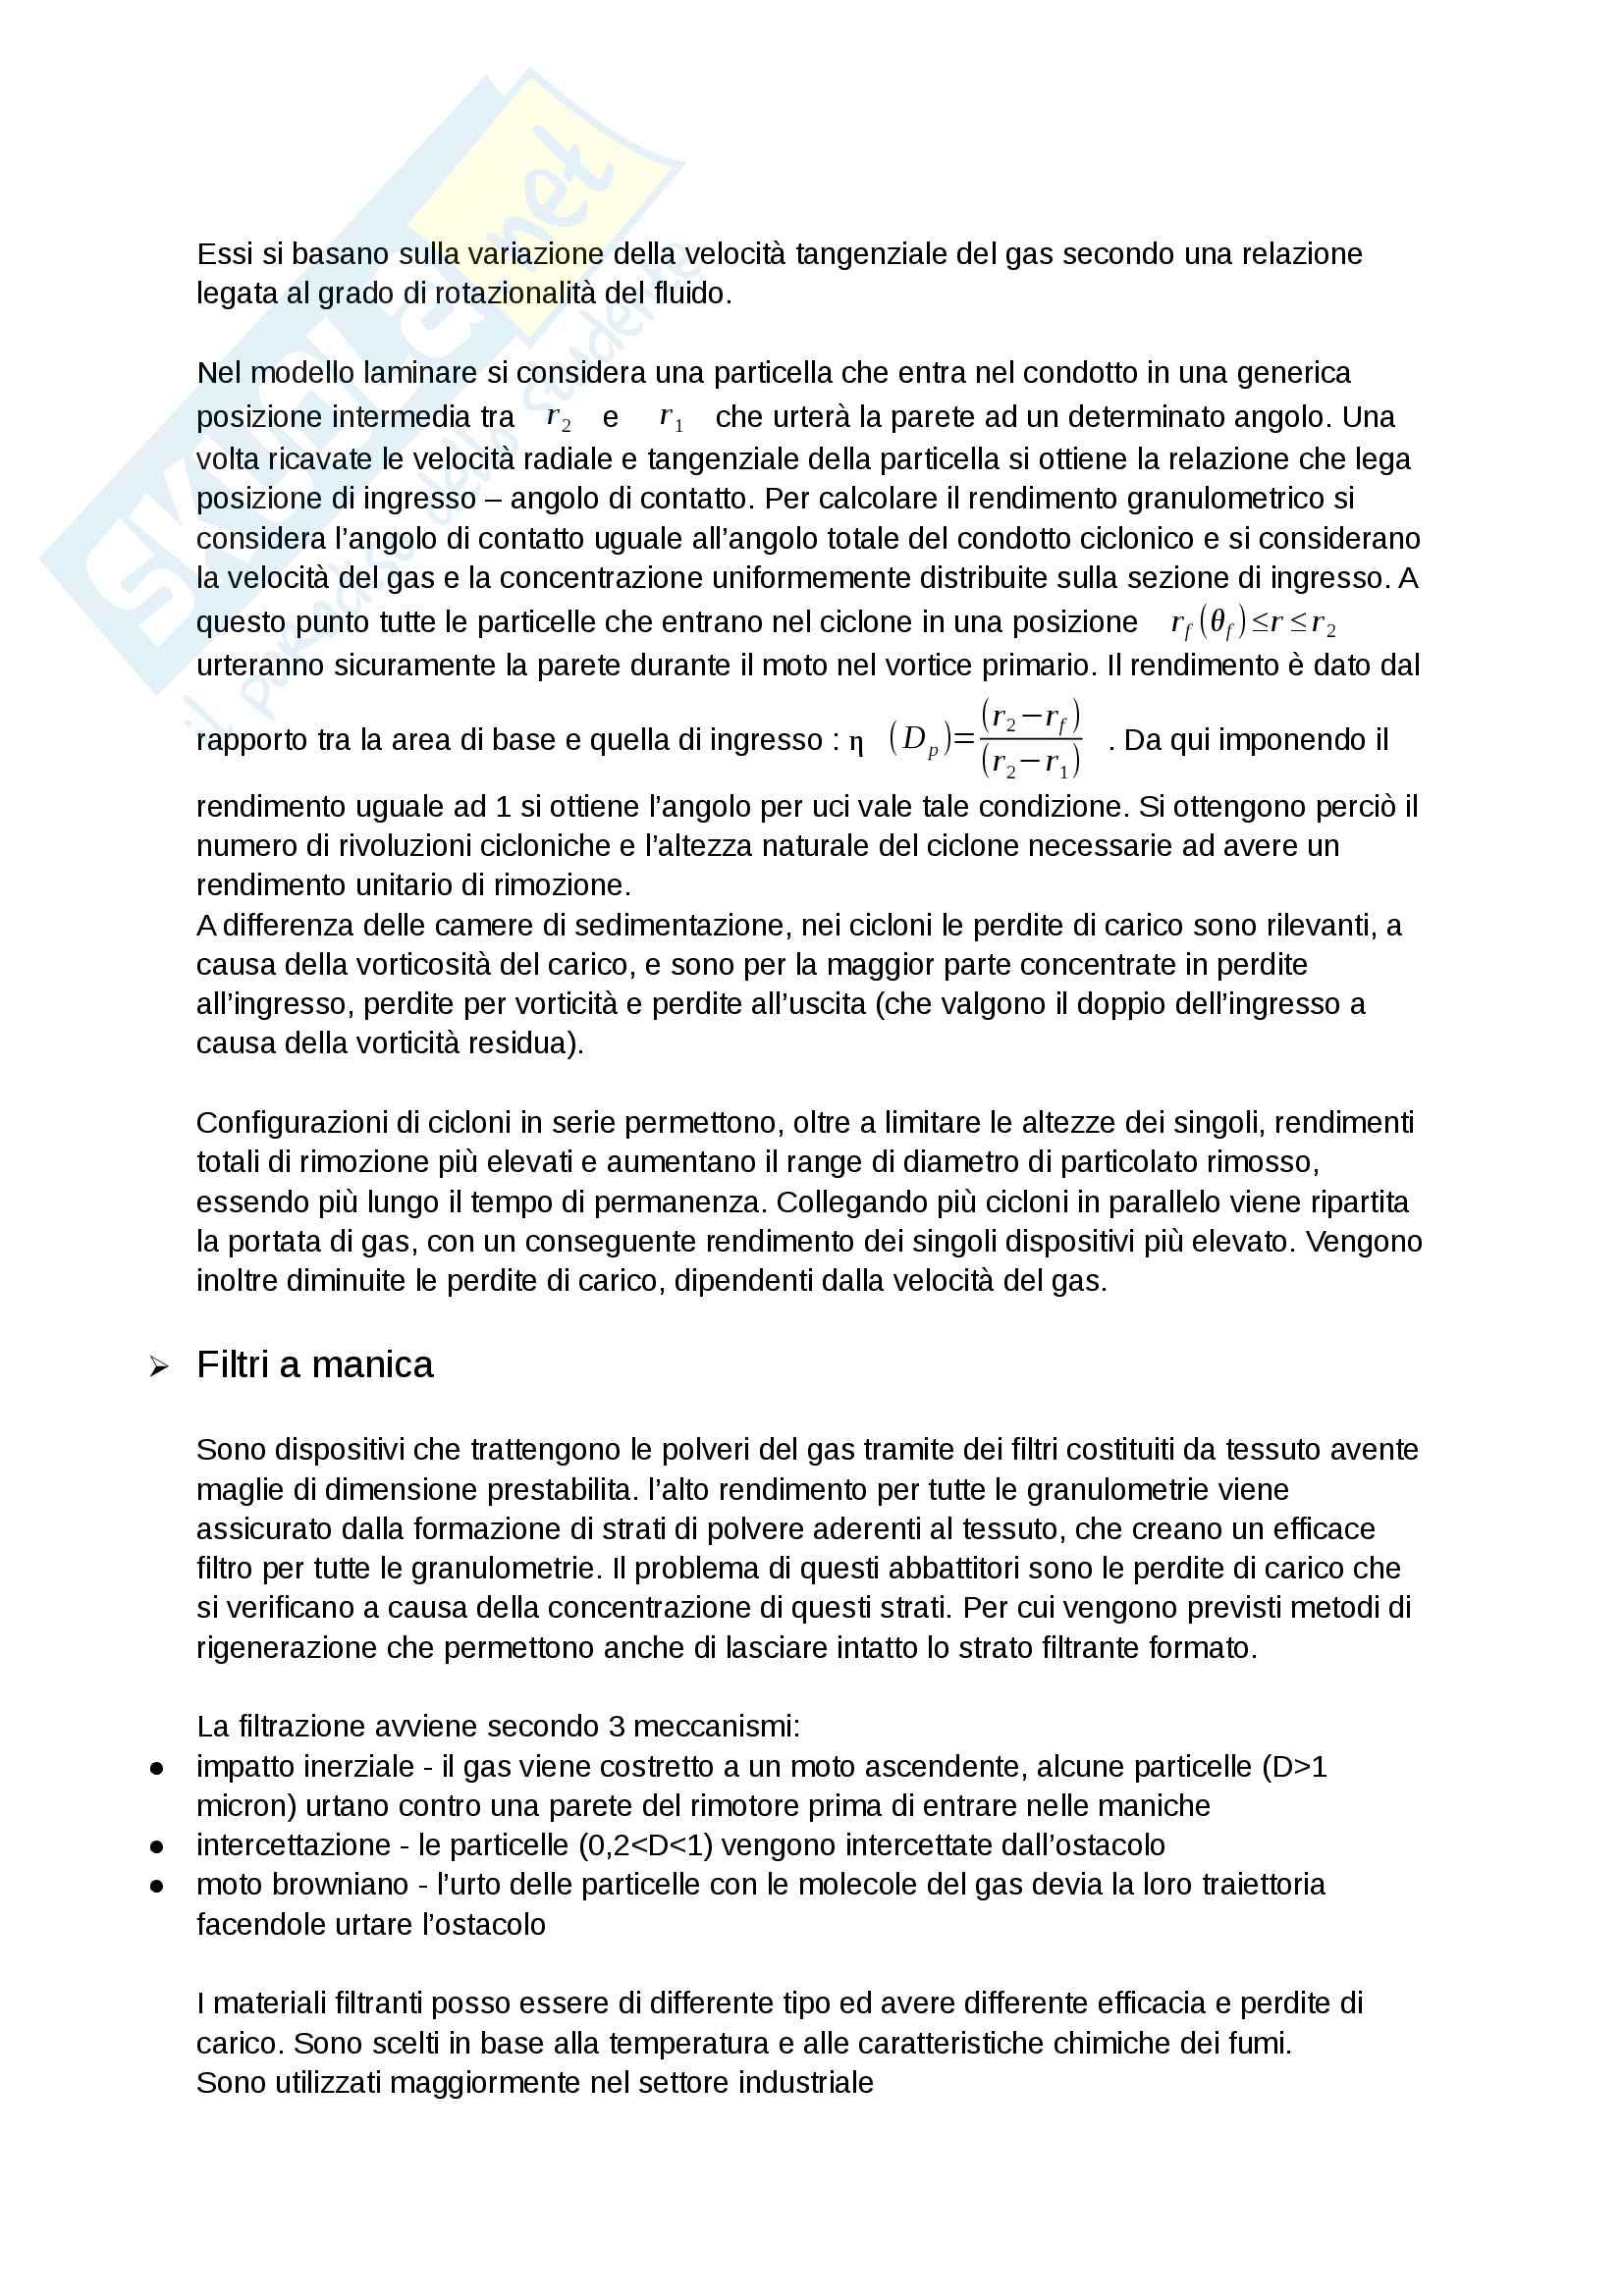 appunti di sicurezza e impatto ambientale dei sistemi energetici Pag. 16